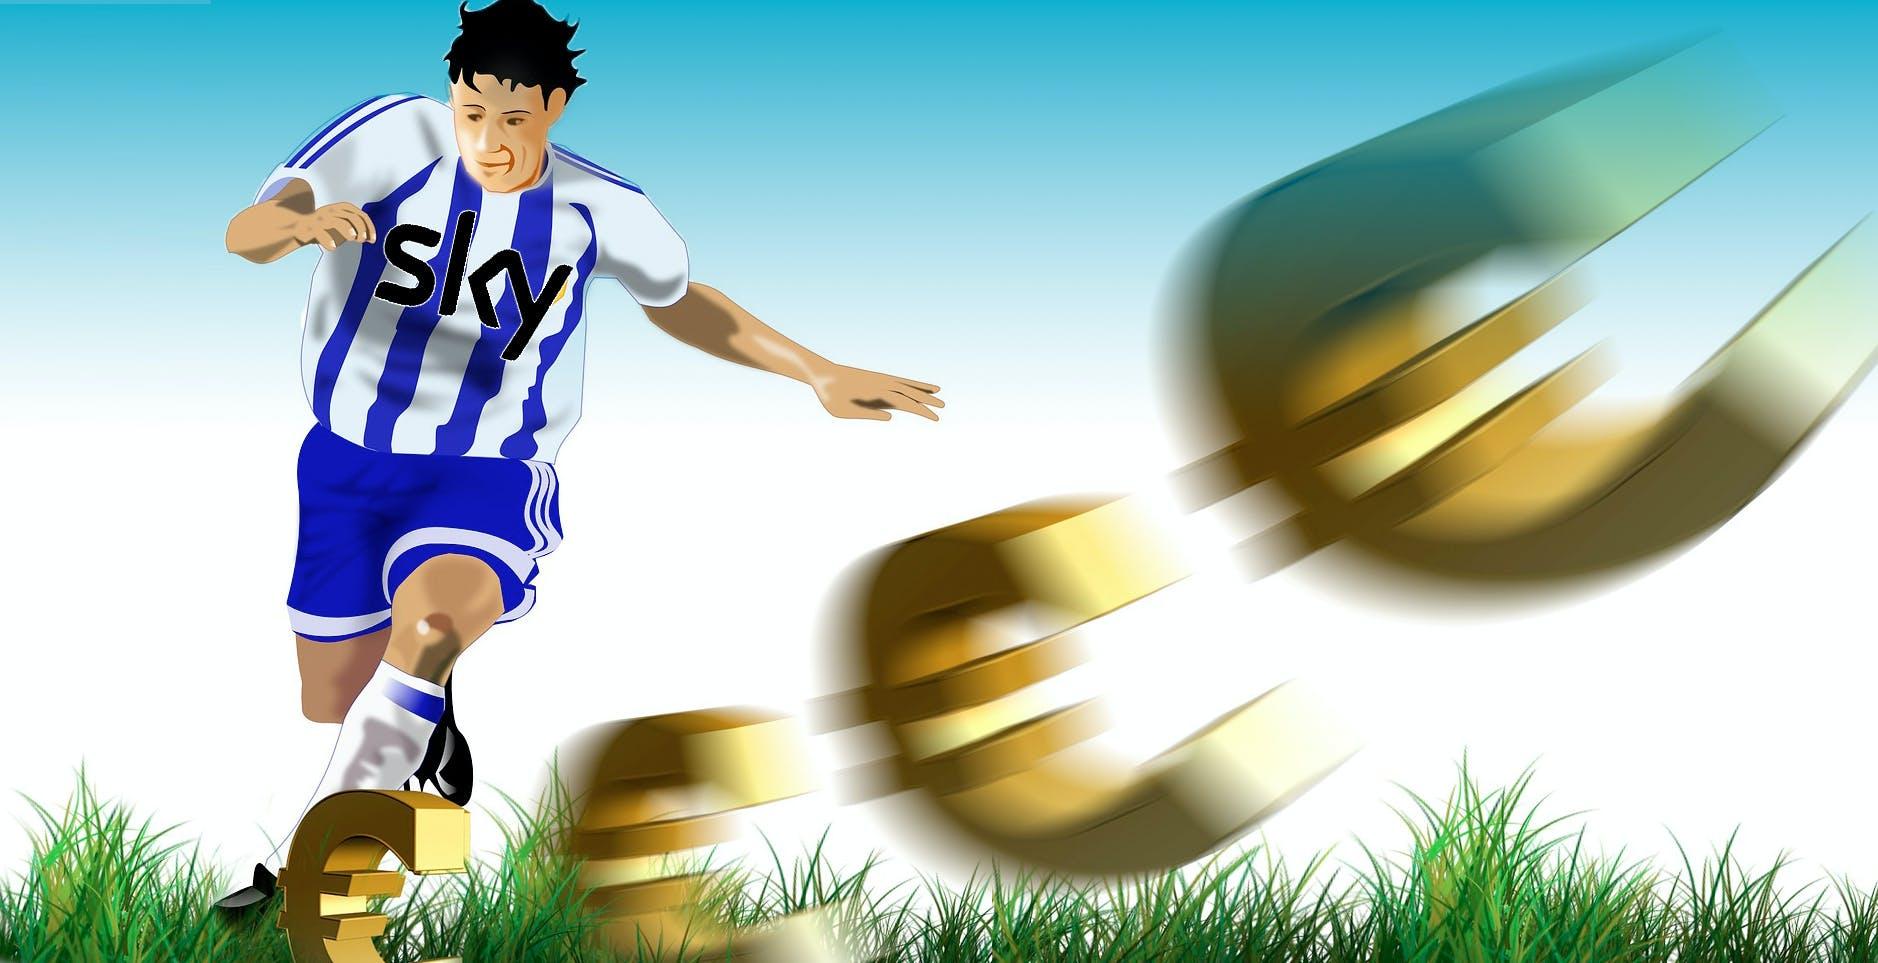 Calcio matto: Sky offre 500 milioni all'anno a DAZN per la Serie A. E DAZN rifiuta